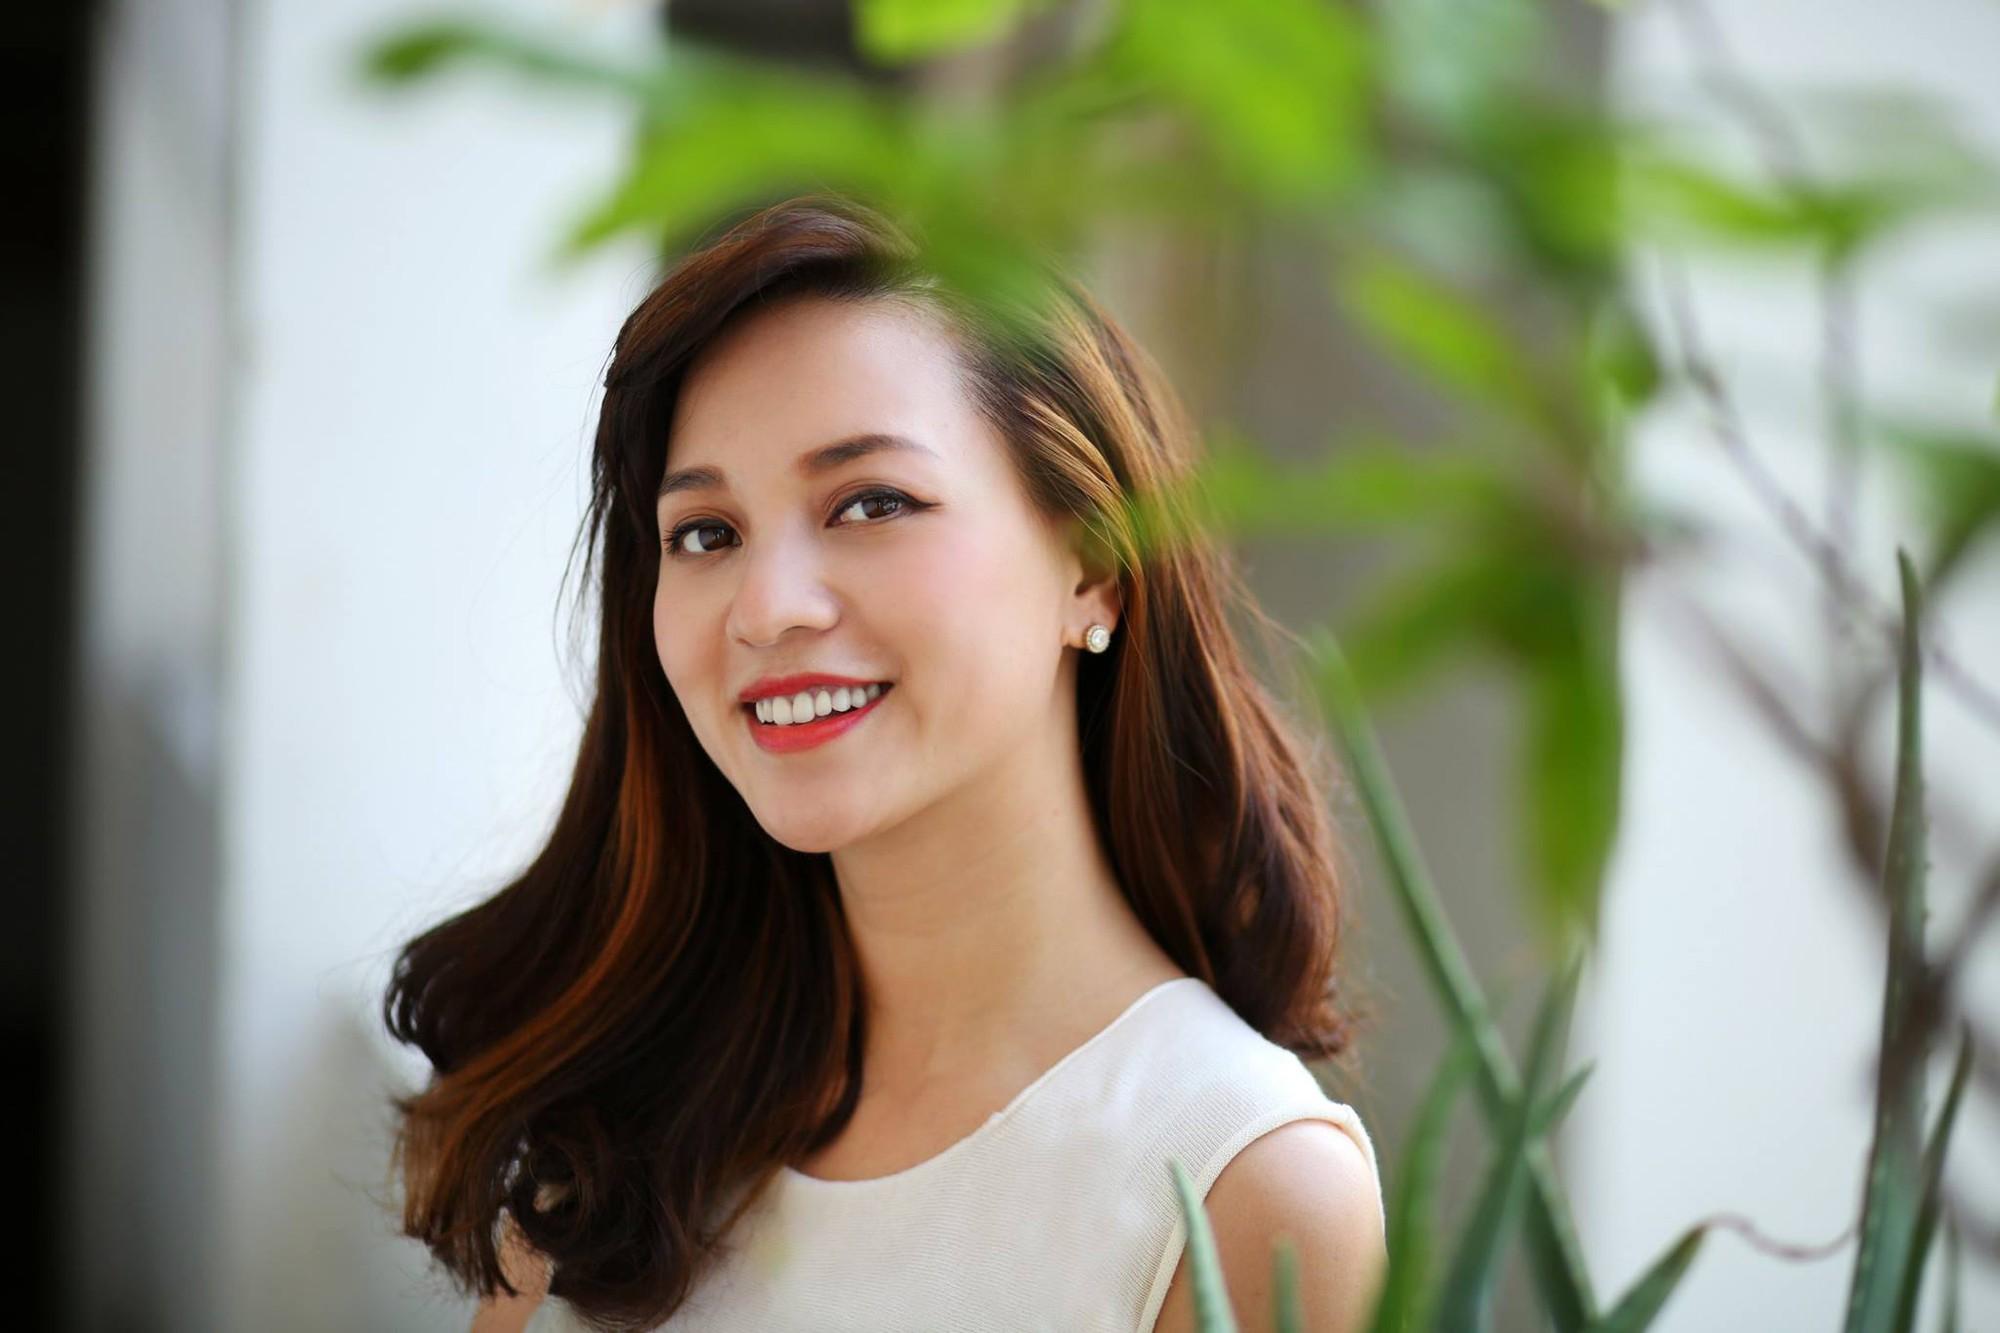 Hotmom Hannah Nguyen gây bão mạng với bài viết: Nhiều người không học đại học vẫn thành công vì họ là thiên tài, nhưng đa số chúng ta không phải là thiên tài - Ảnh 1.